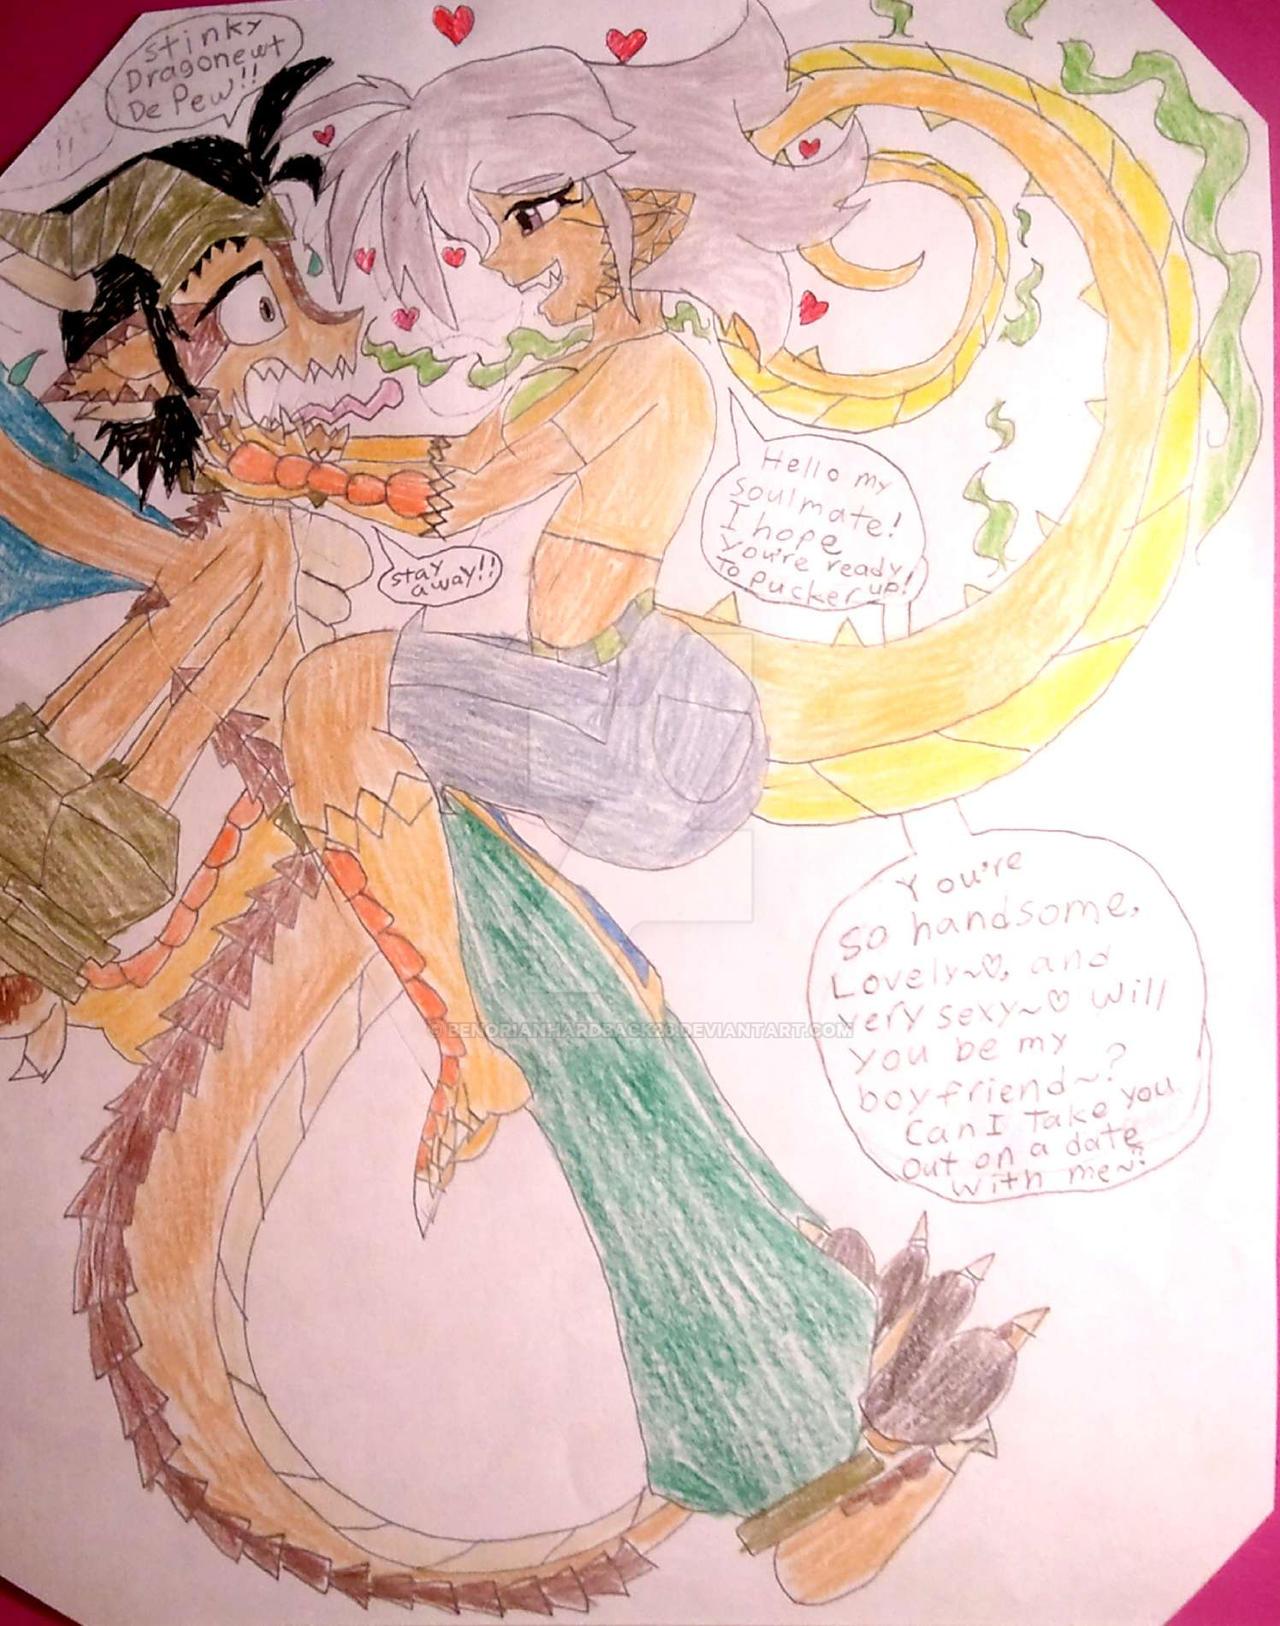 Stinky Dragonewt de pew! by BenorianHardback26